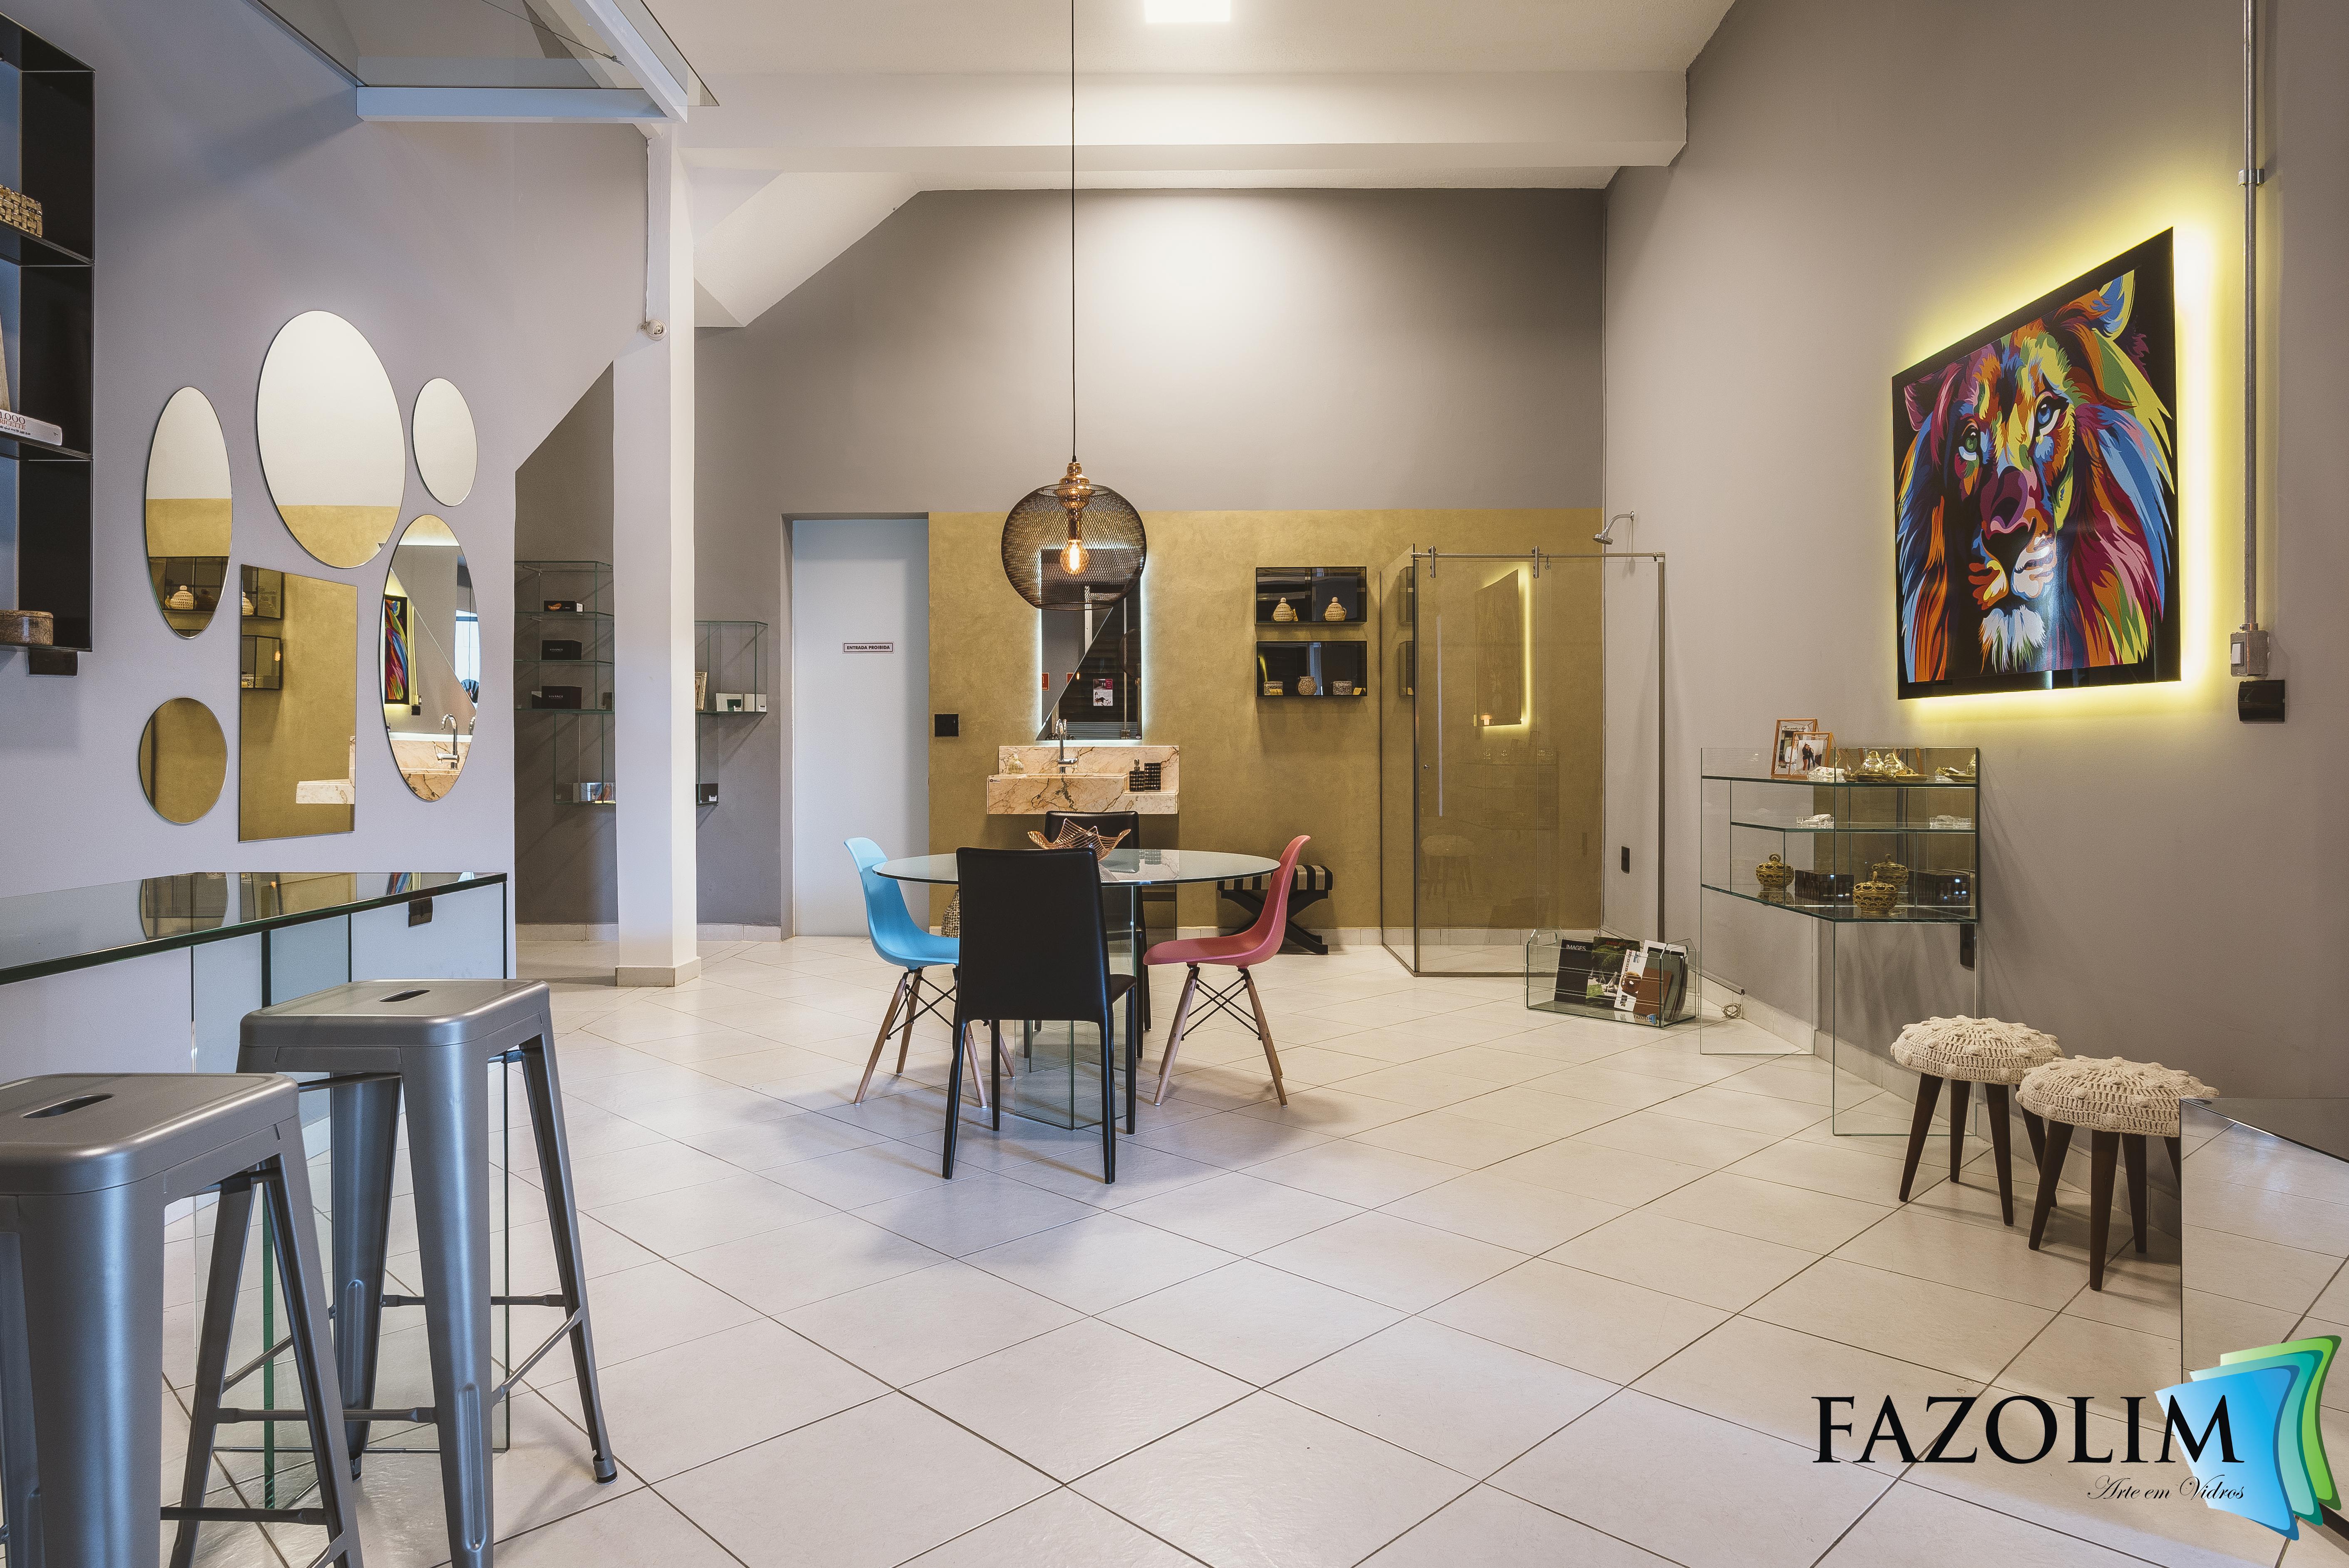 Fazolim_Showroom, Loja Conceito e Arquitetos_20